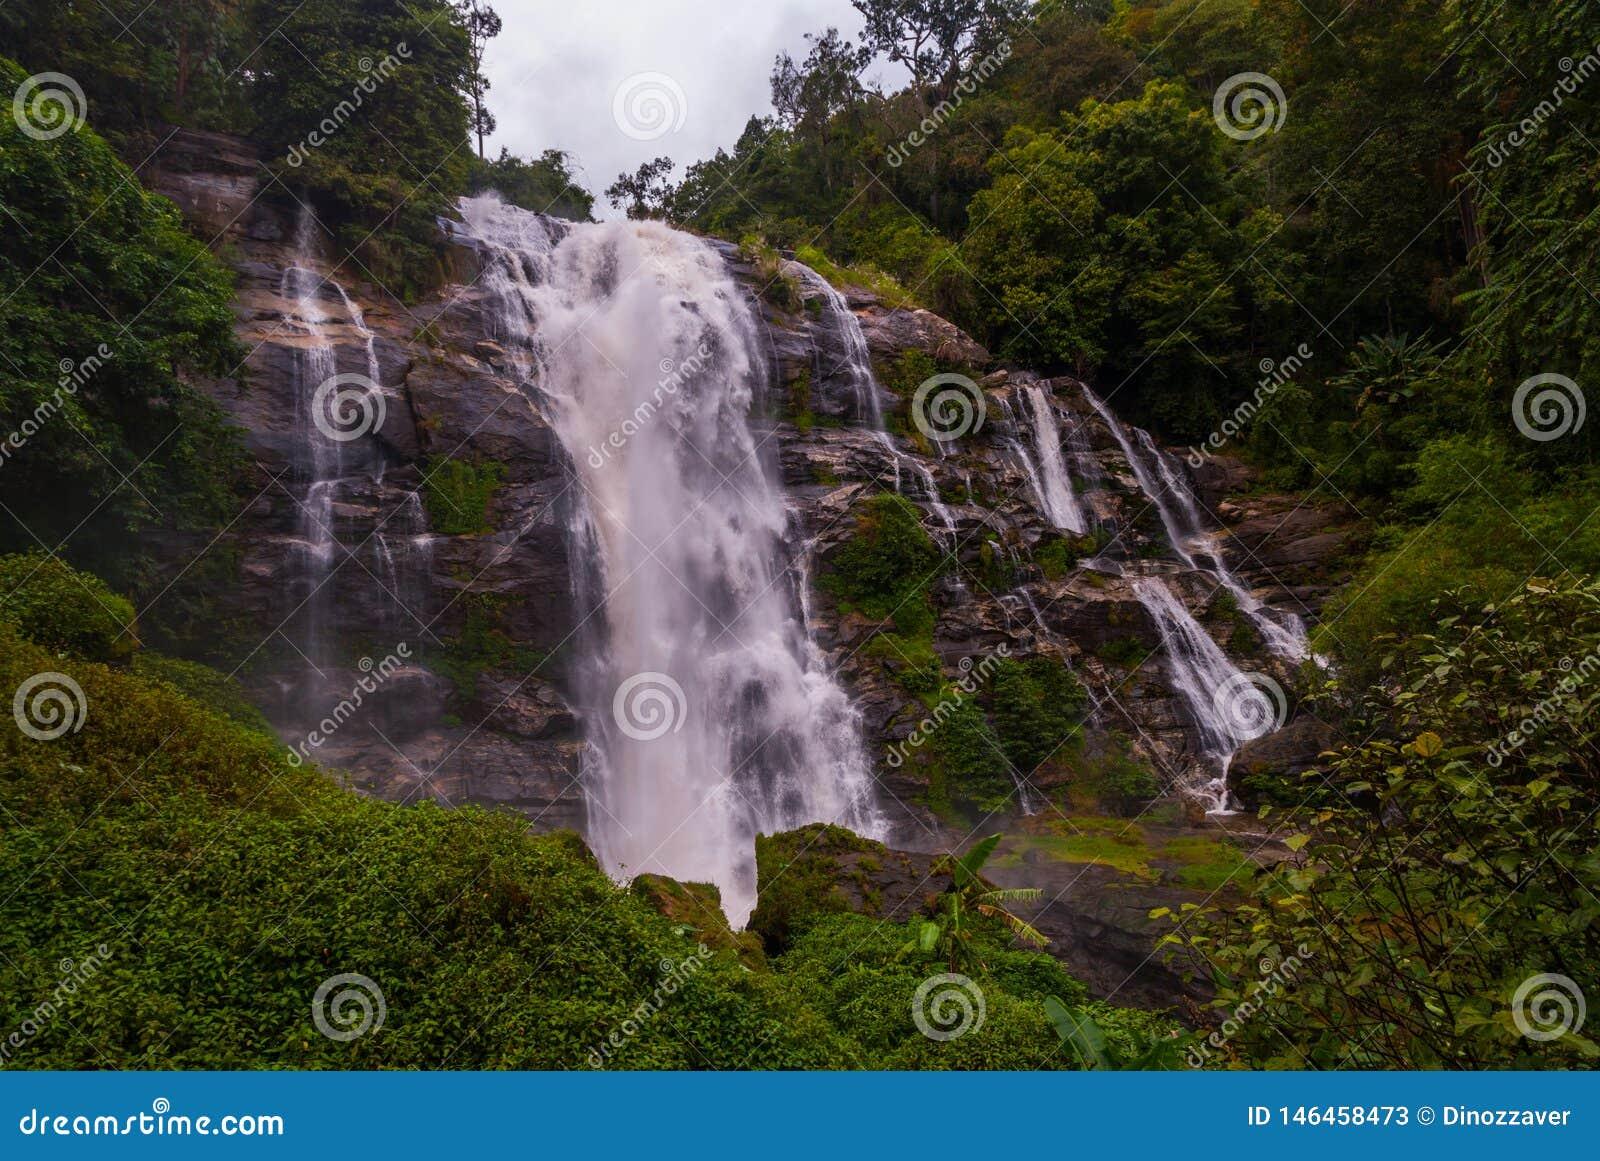 Водопад Wachirathan, Таиланд